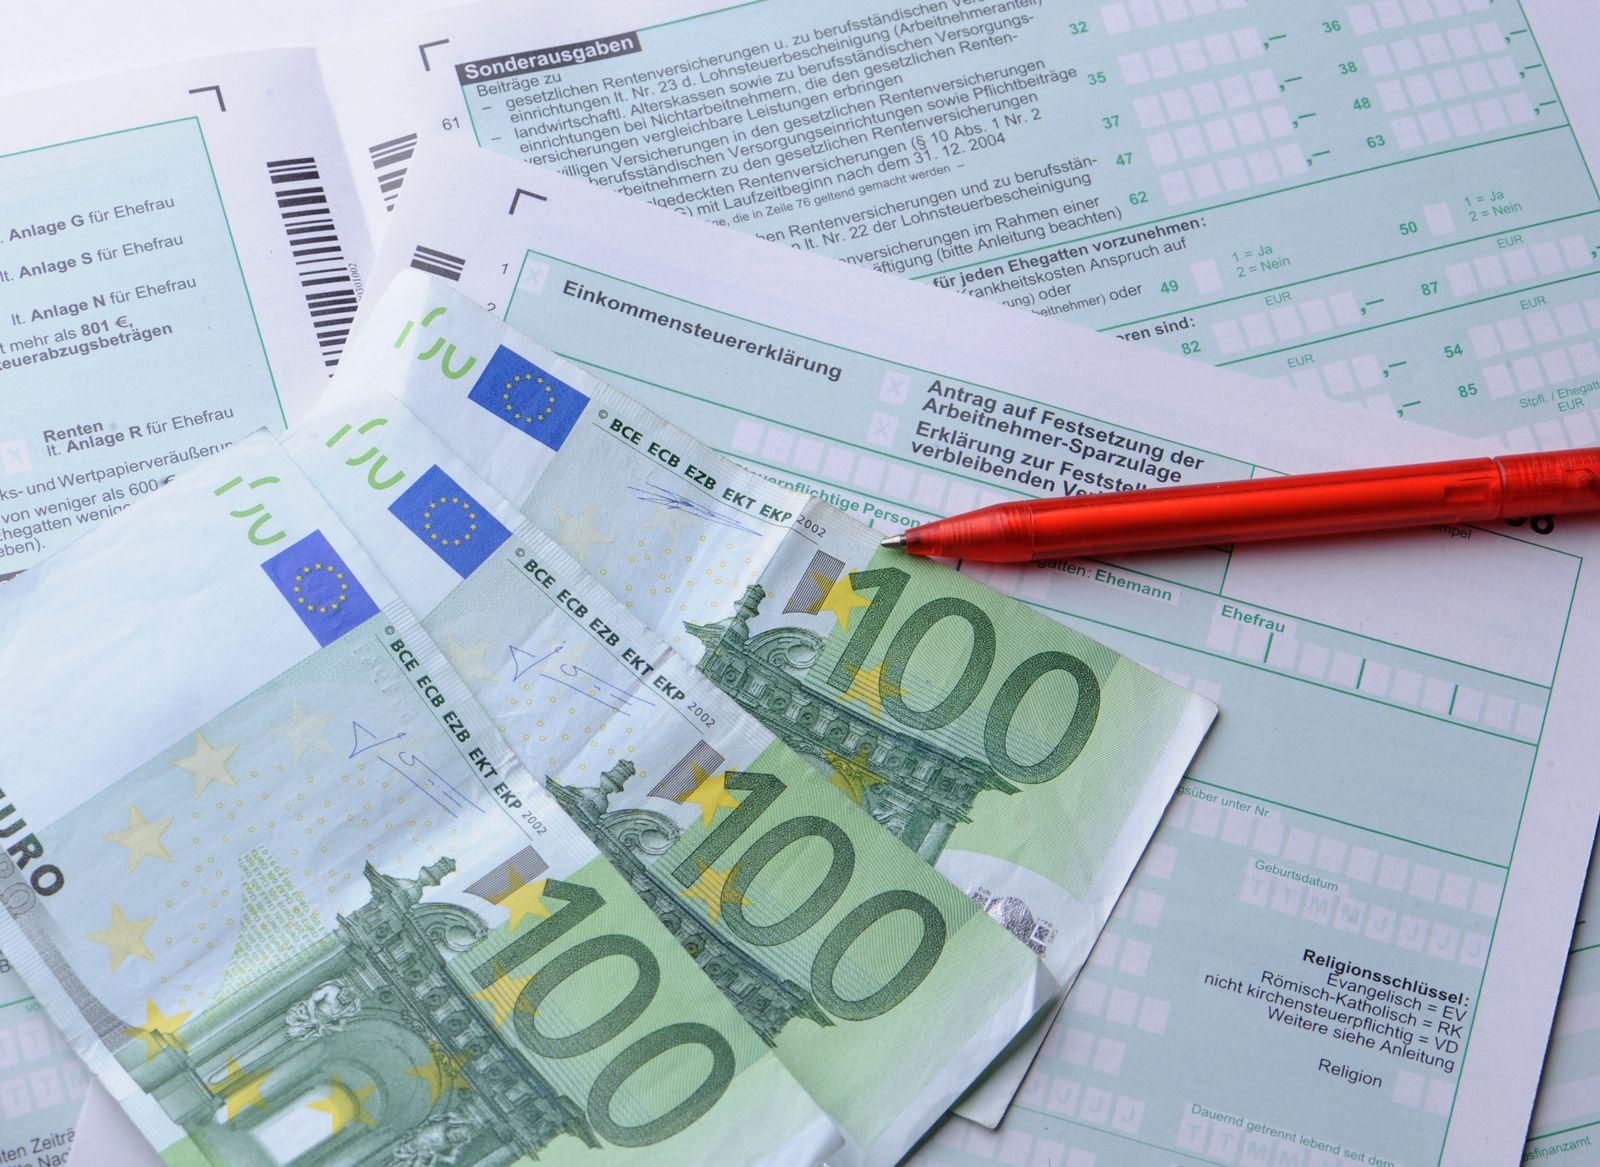 Einkommensteuererklärung / Euroscheine